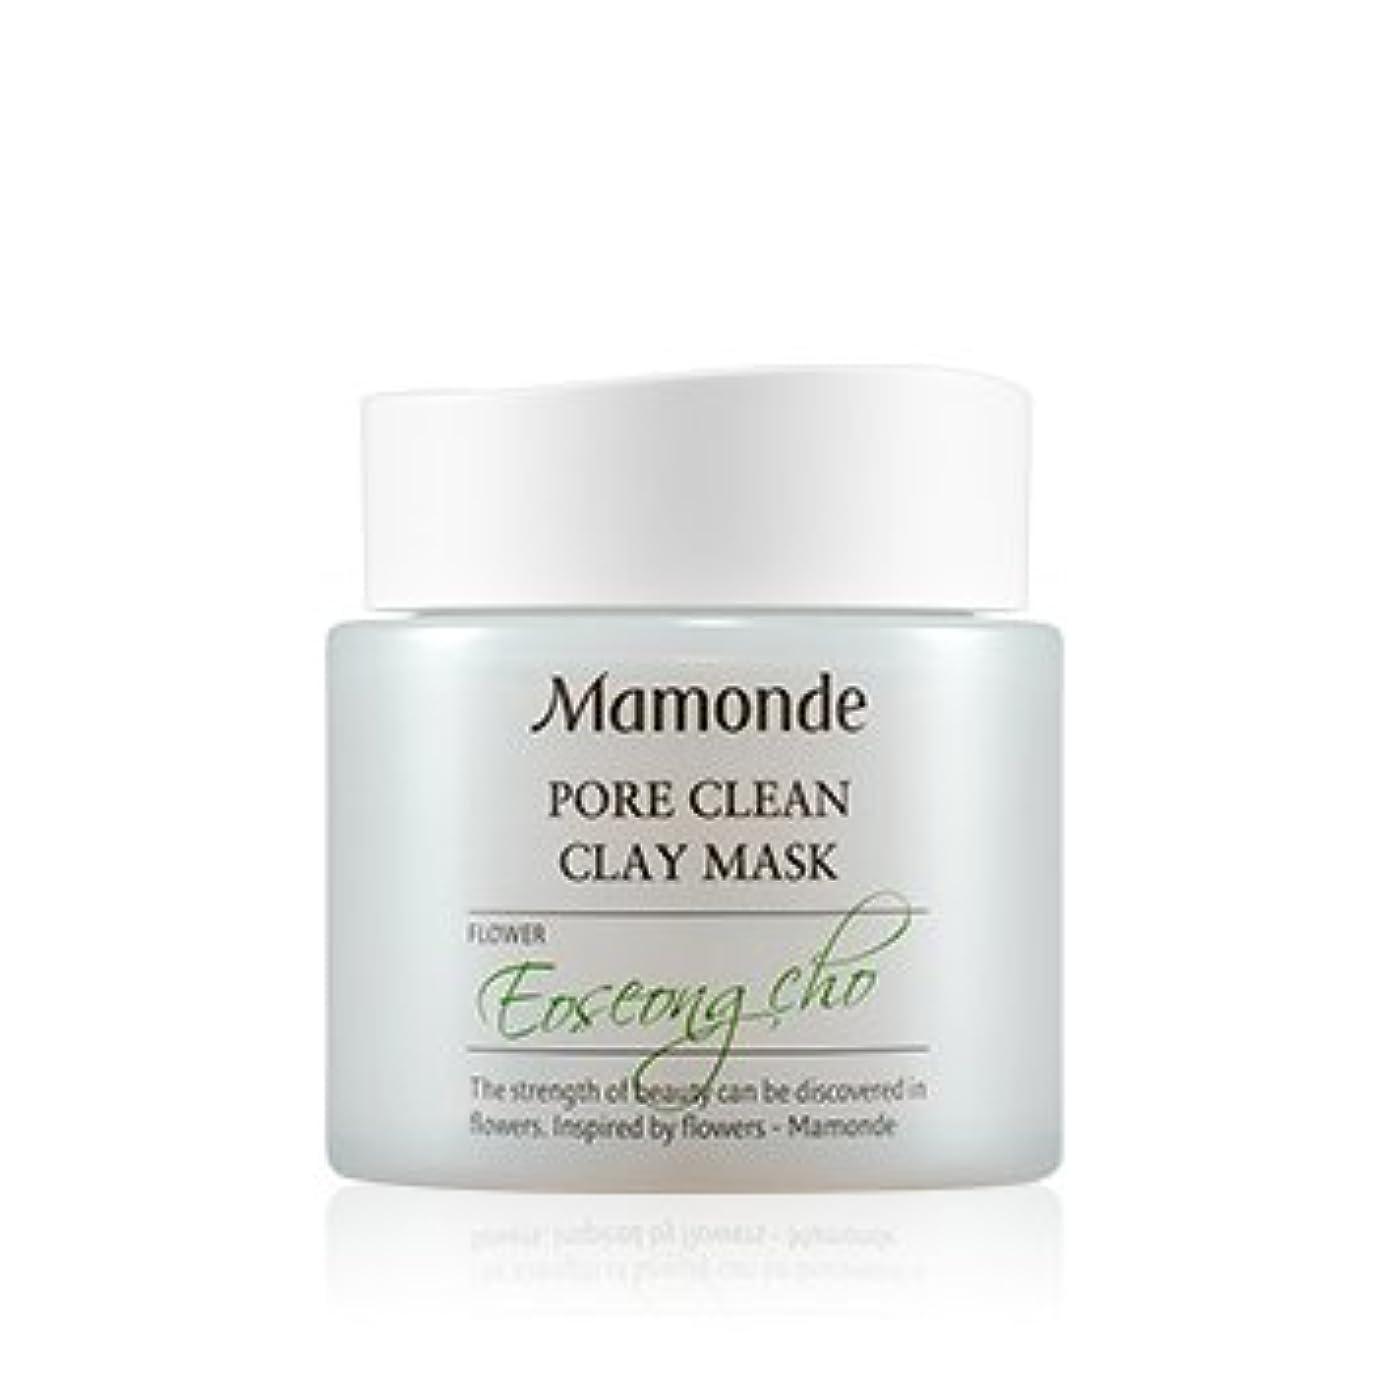 刑務所代名詞不機嫌[New] Mamonde Pore Clean Clay Mask 100ml/マモンド ポア クリーン クレイ マスク 100ml [並行輸入品]